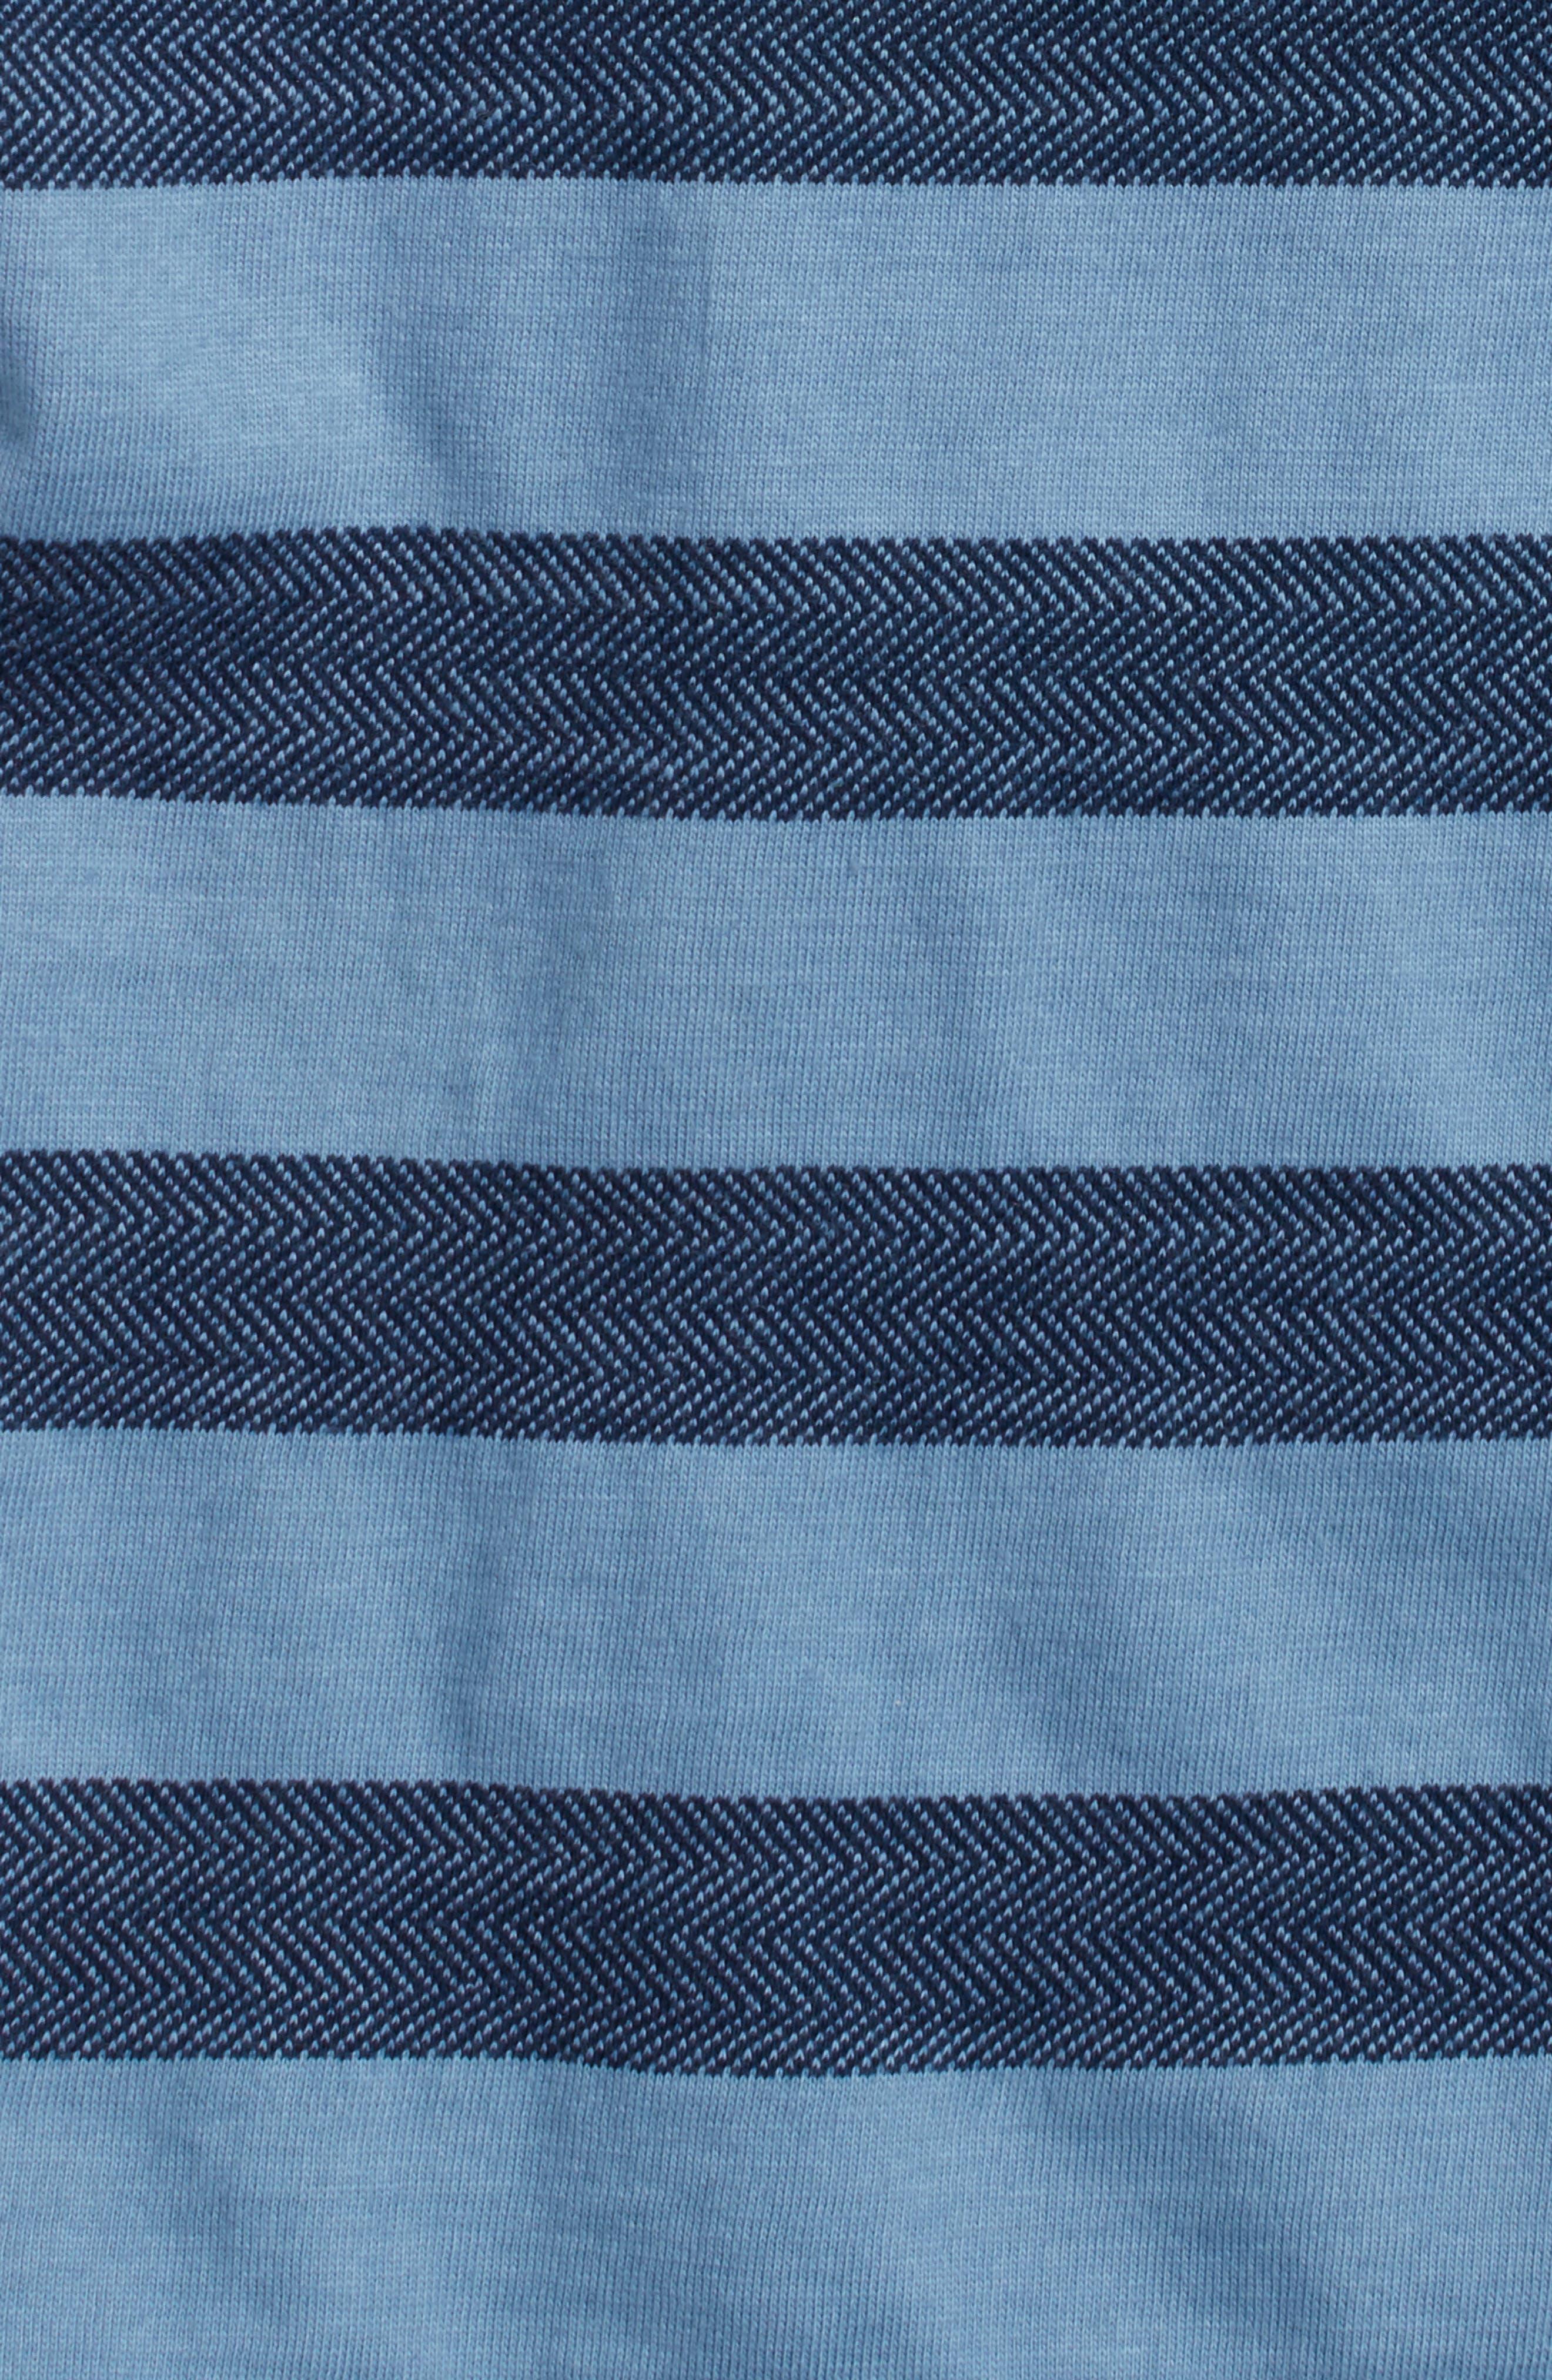 Thomas Stripe T-Shirt,                             Alternate thumbnail 2, color,                             450